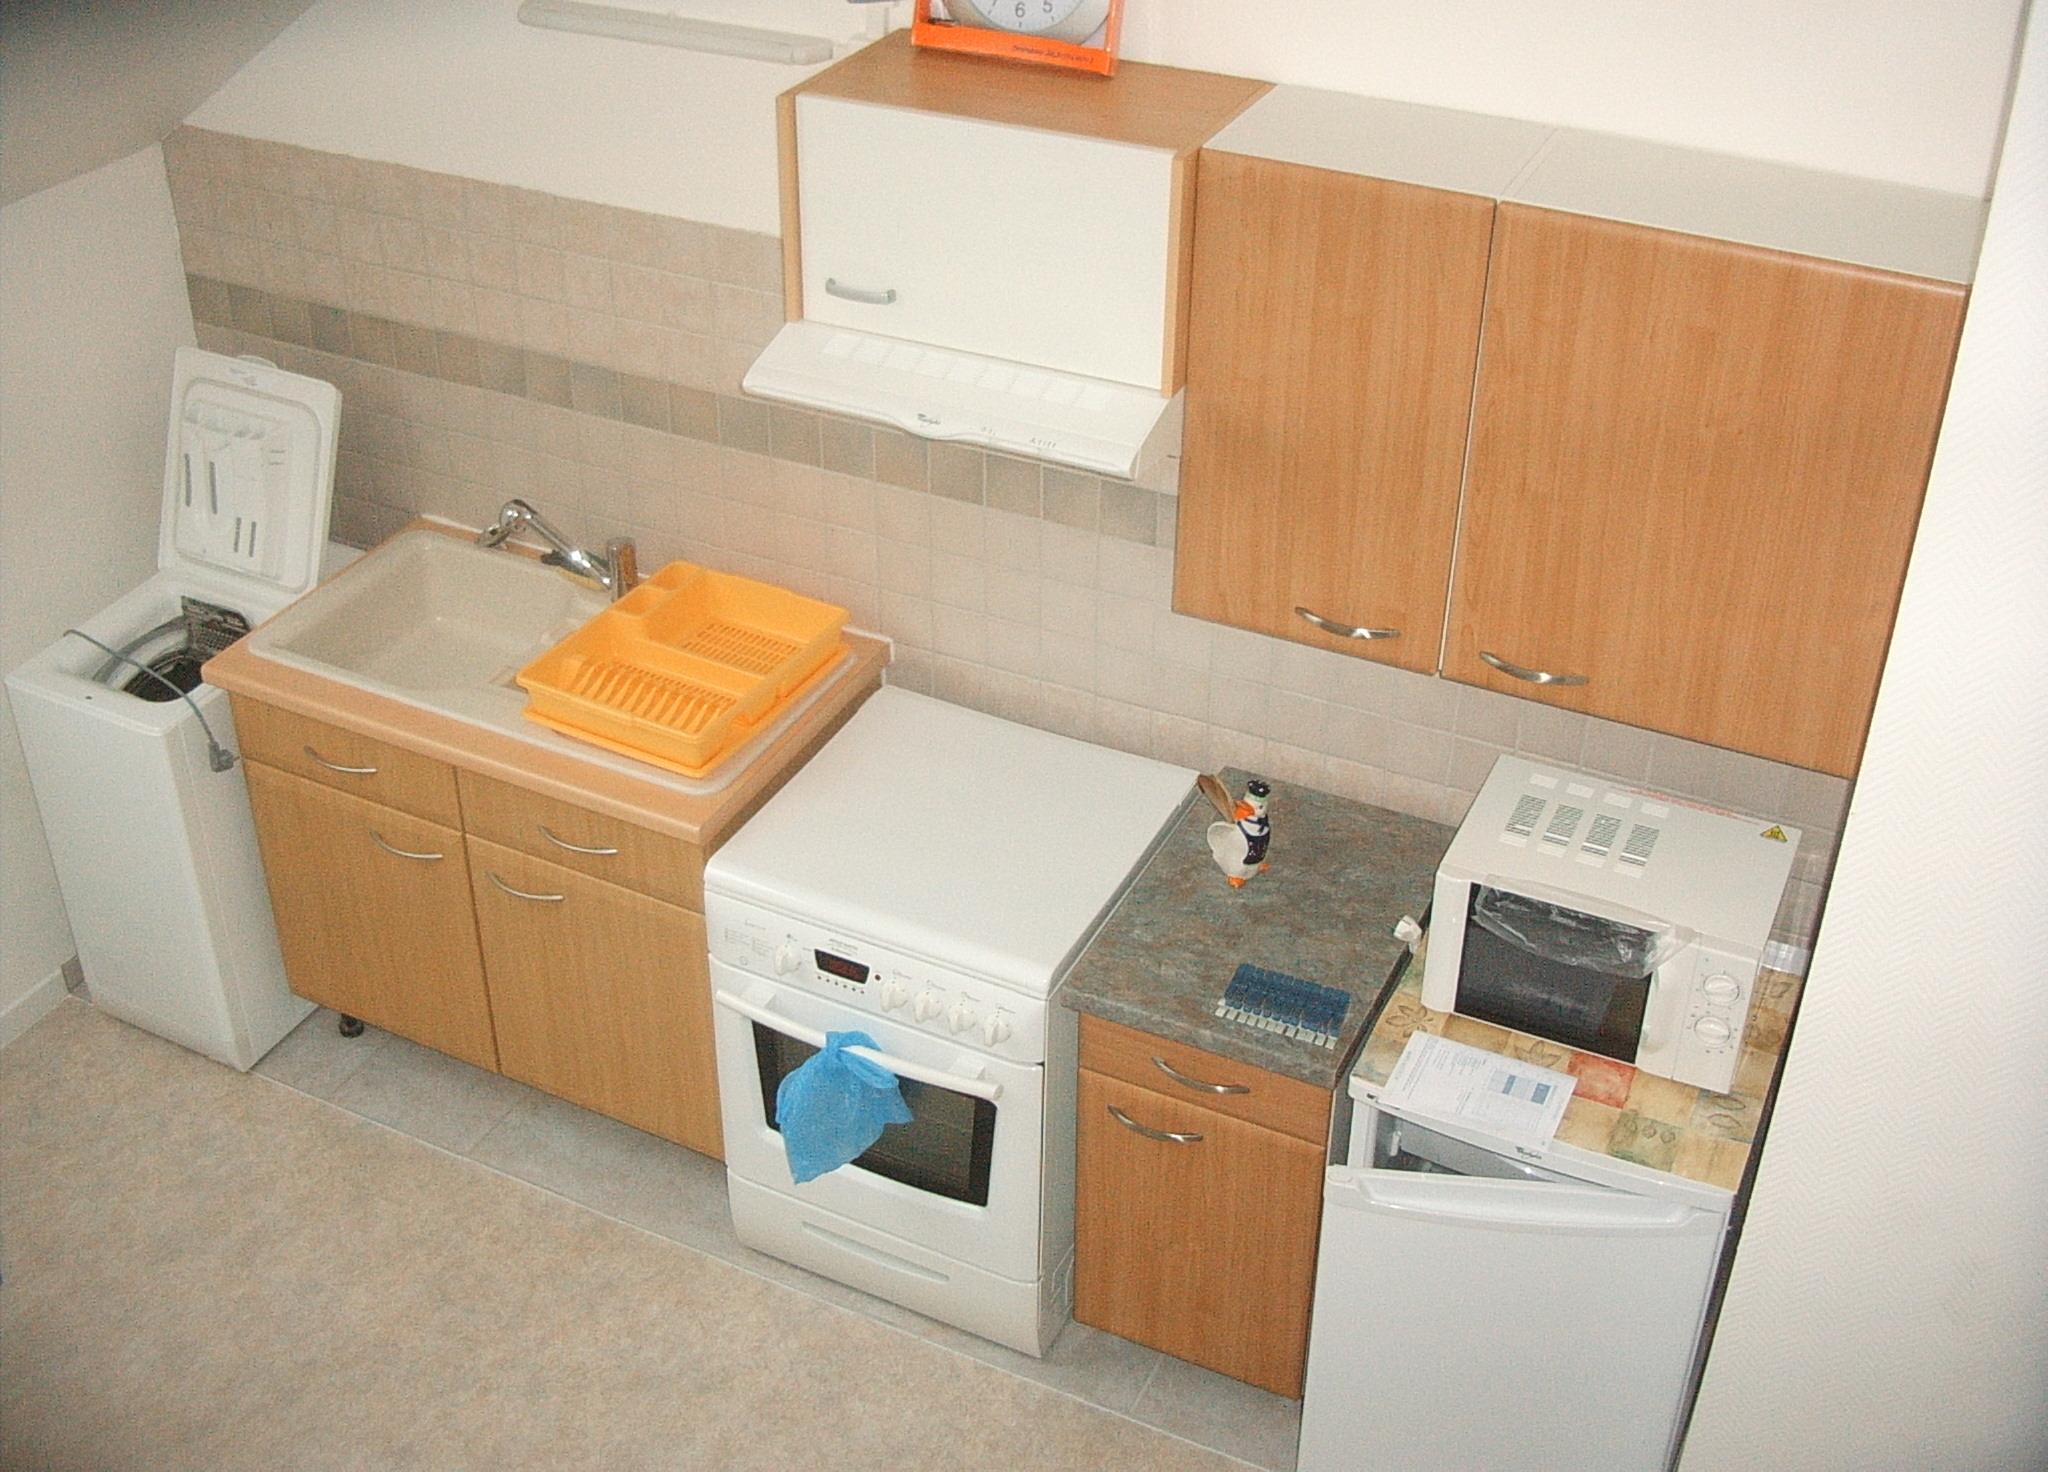 location meubl f1 bis yutz n 5. Black Bedroom Furniture Sets. Home Design Ideas